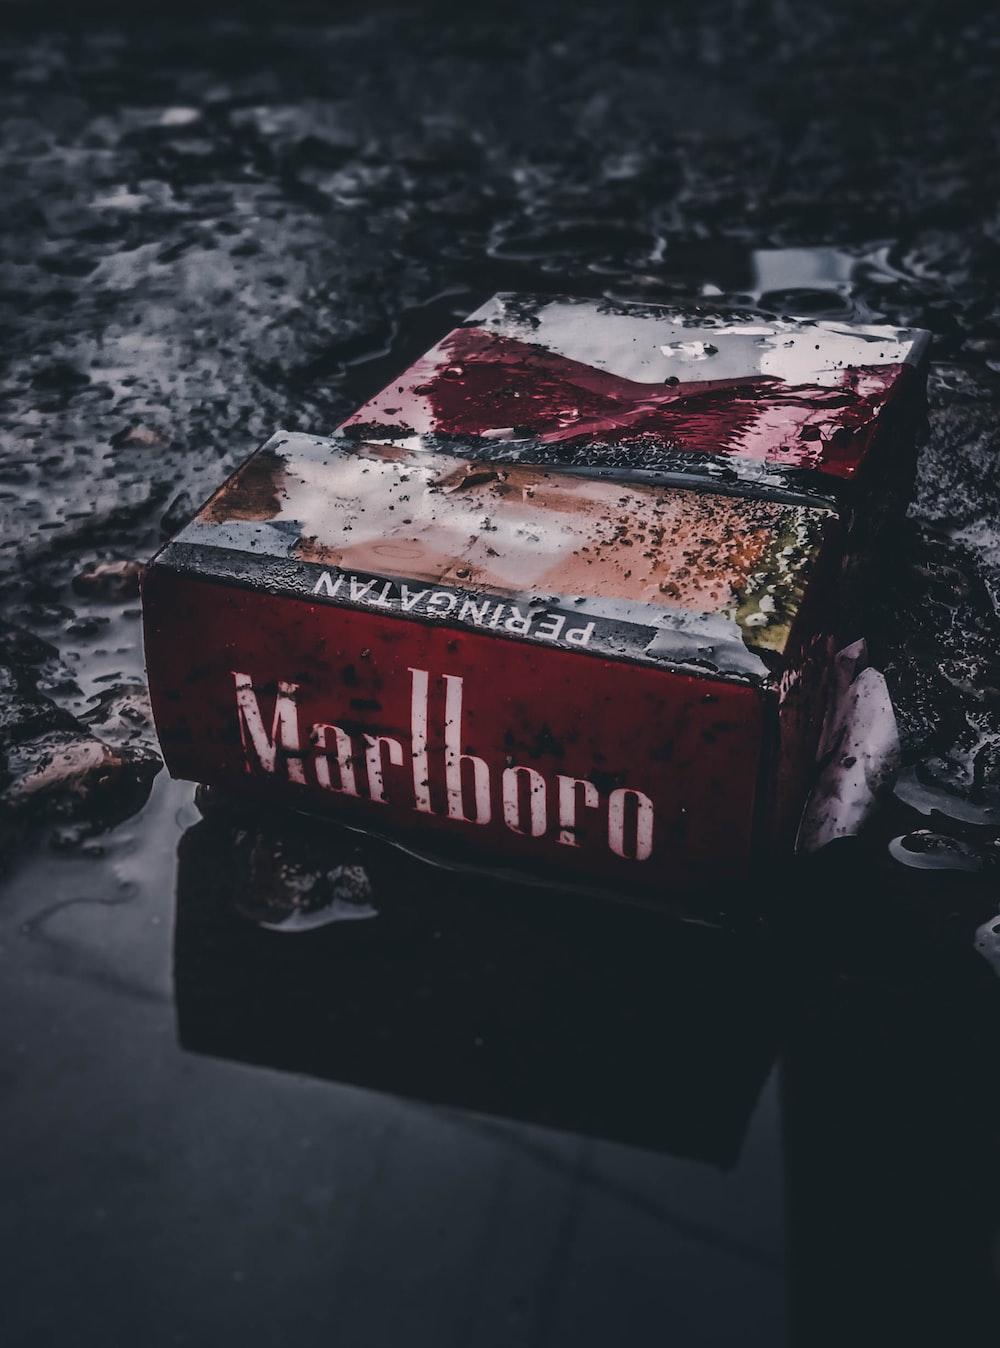 Marlboro flip-top cigarette box